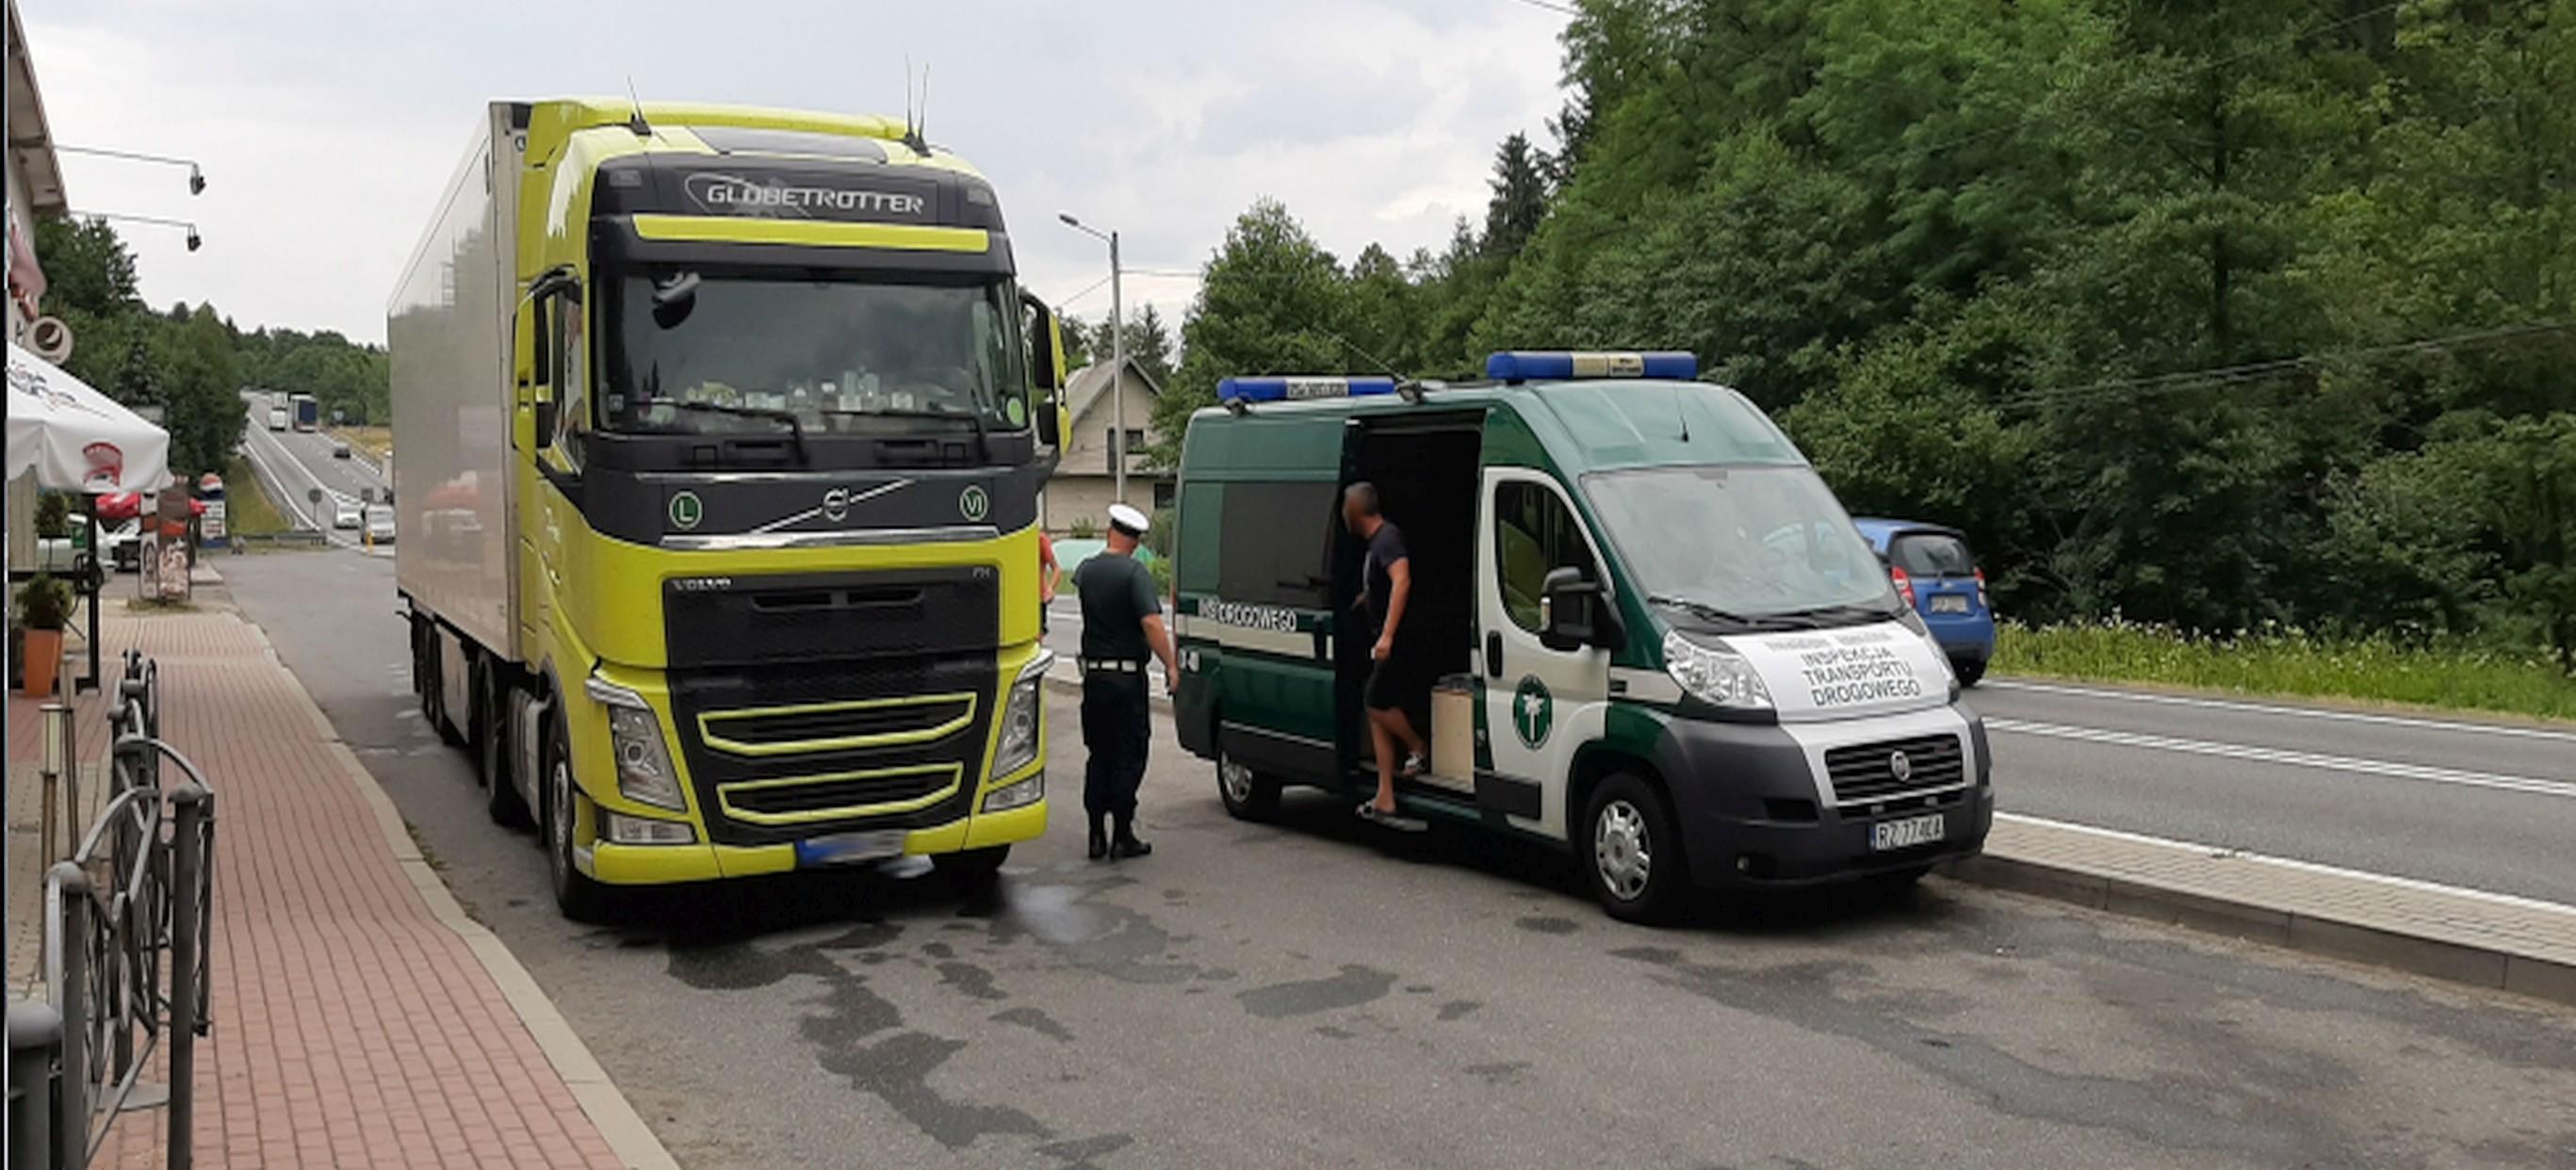 Pijani Łotysze kierowali 40-tonową ciężarówką! (ZDJĘCIE)